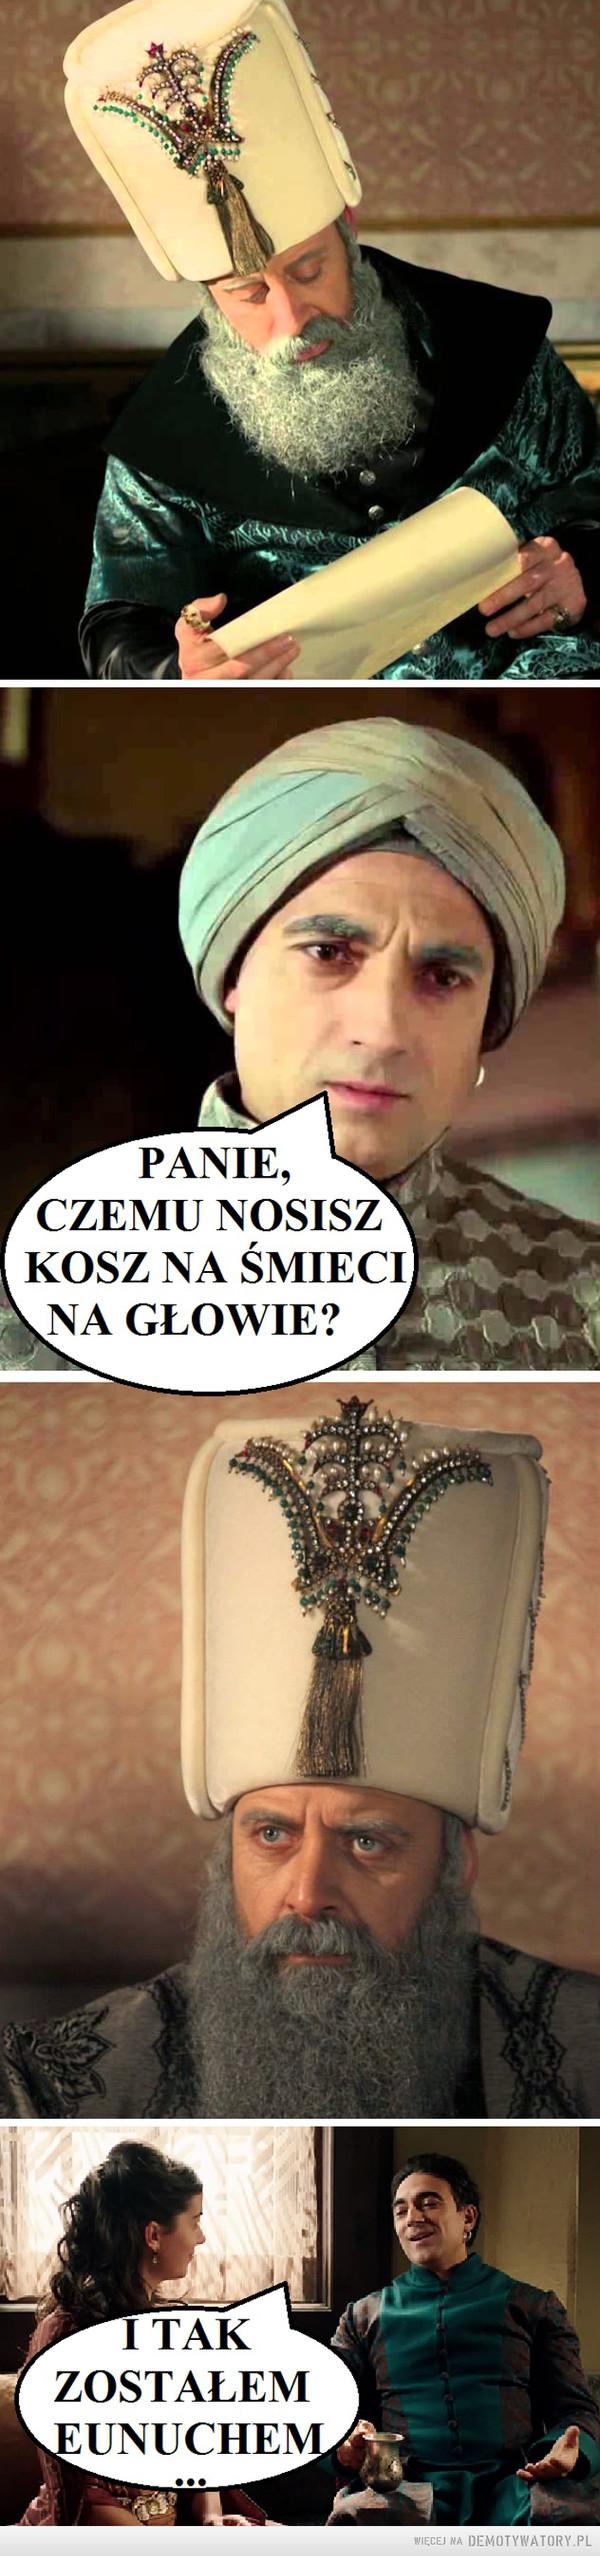 Turecka telenowela propagandowa Wspaniałe stulecie w polskiej telewizji publicznej –